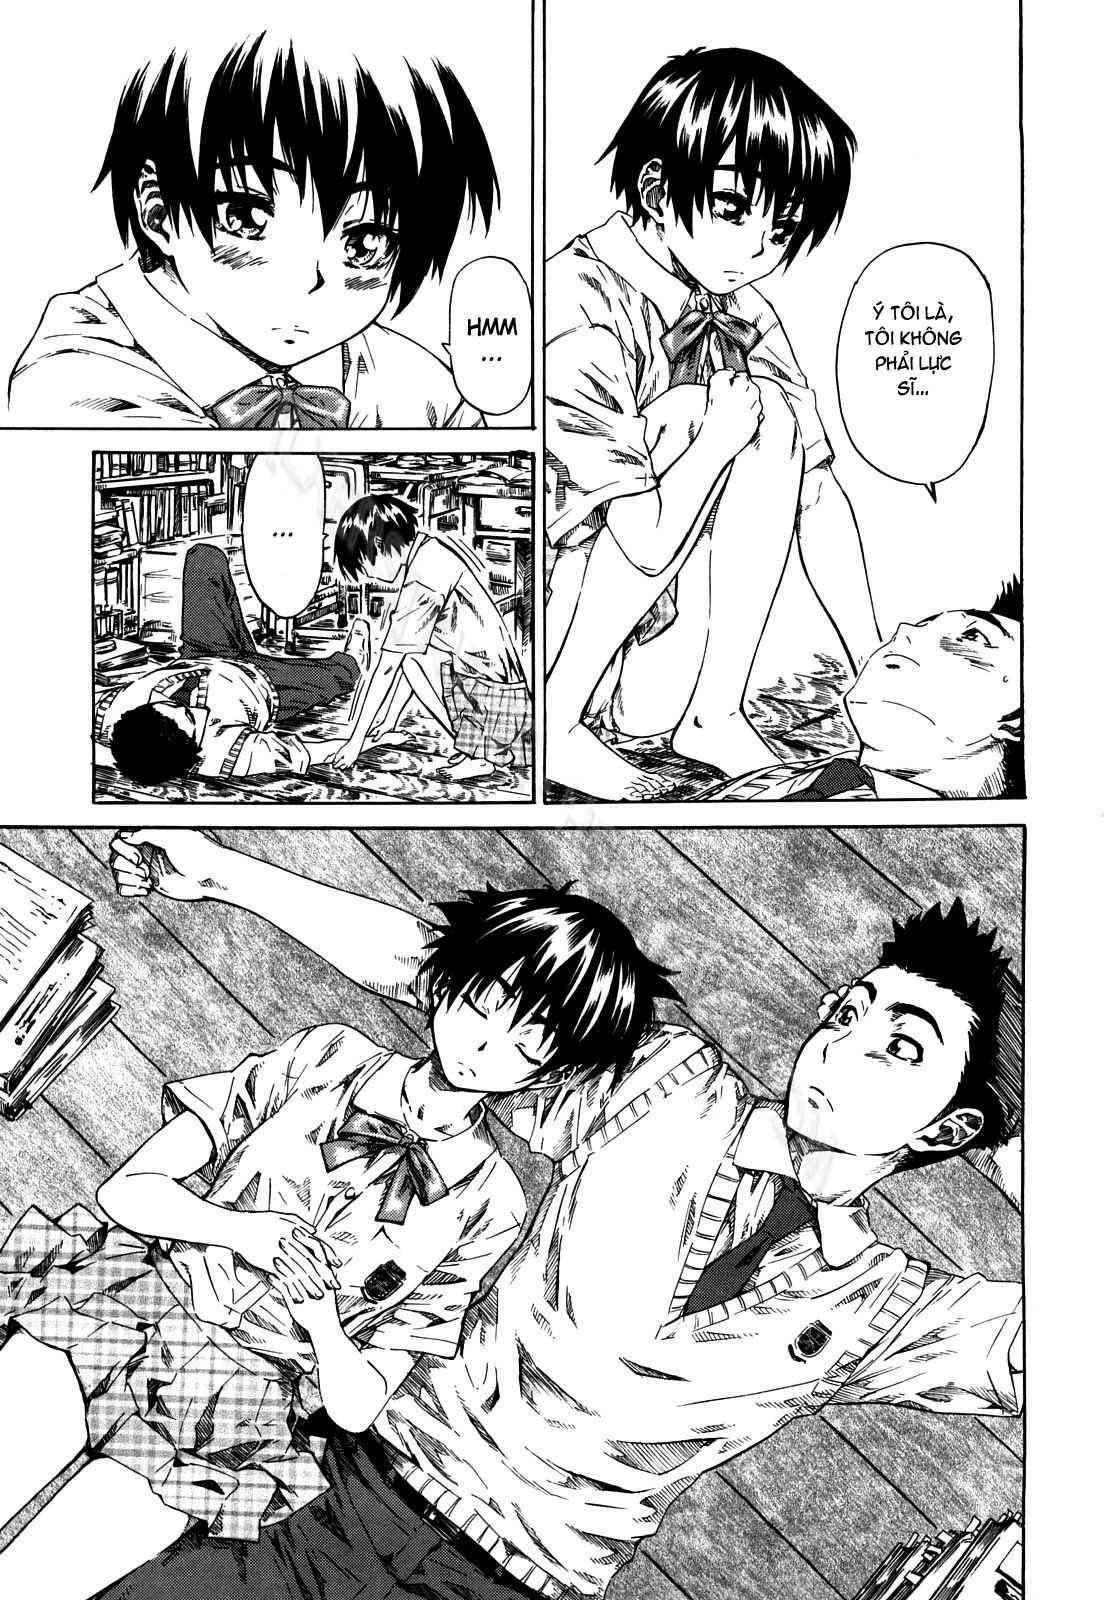 Hình ảnh 053kanojo ga koibito wo suki trong bài viết Hãy thức tỉnh thú tính dâm dục trong em